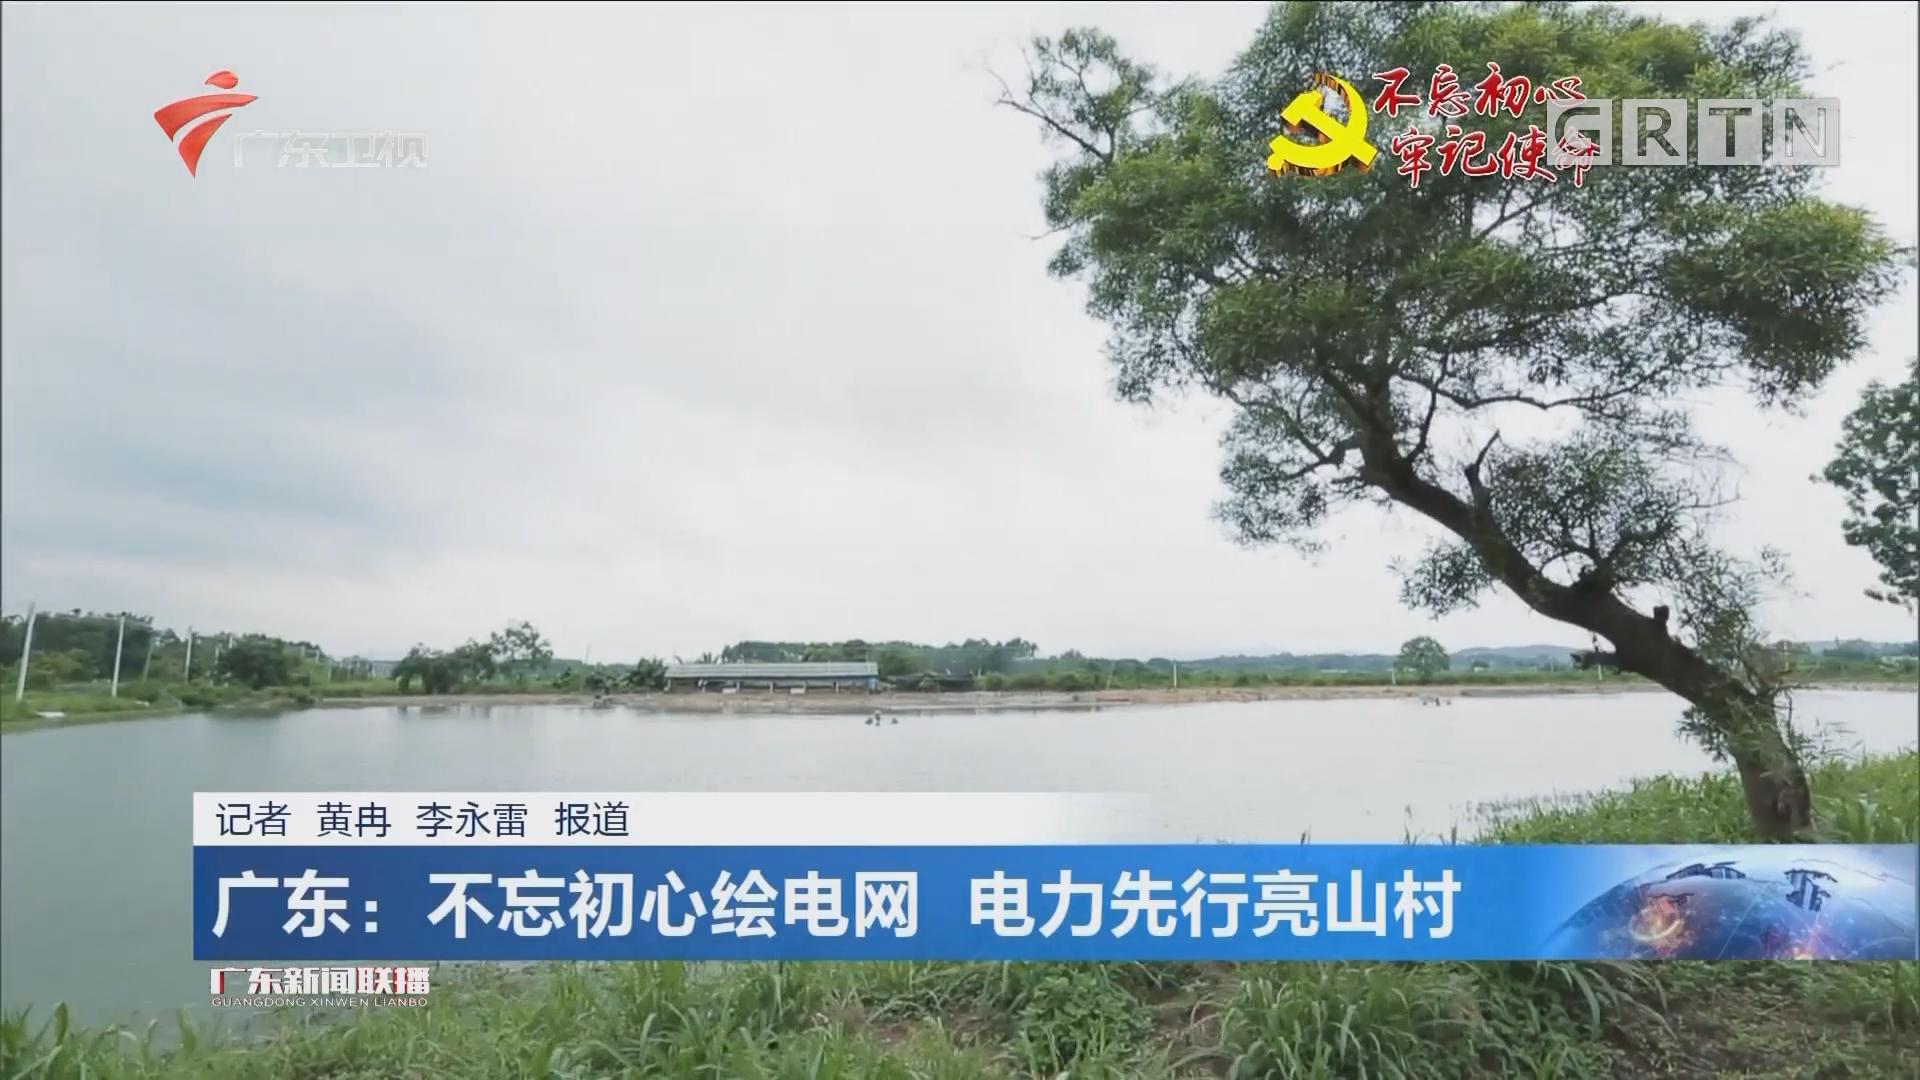 广东:不忘初心绘电网 电力先行亮山村